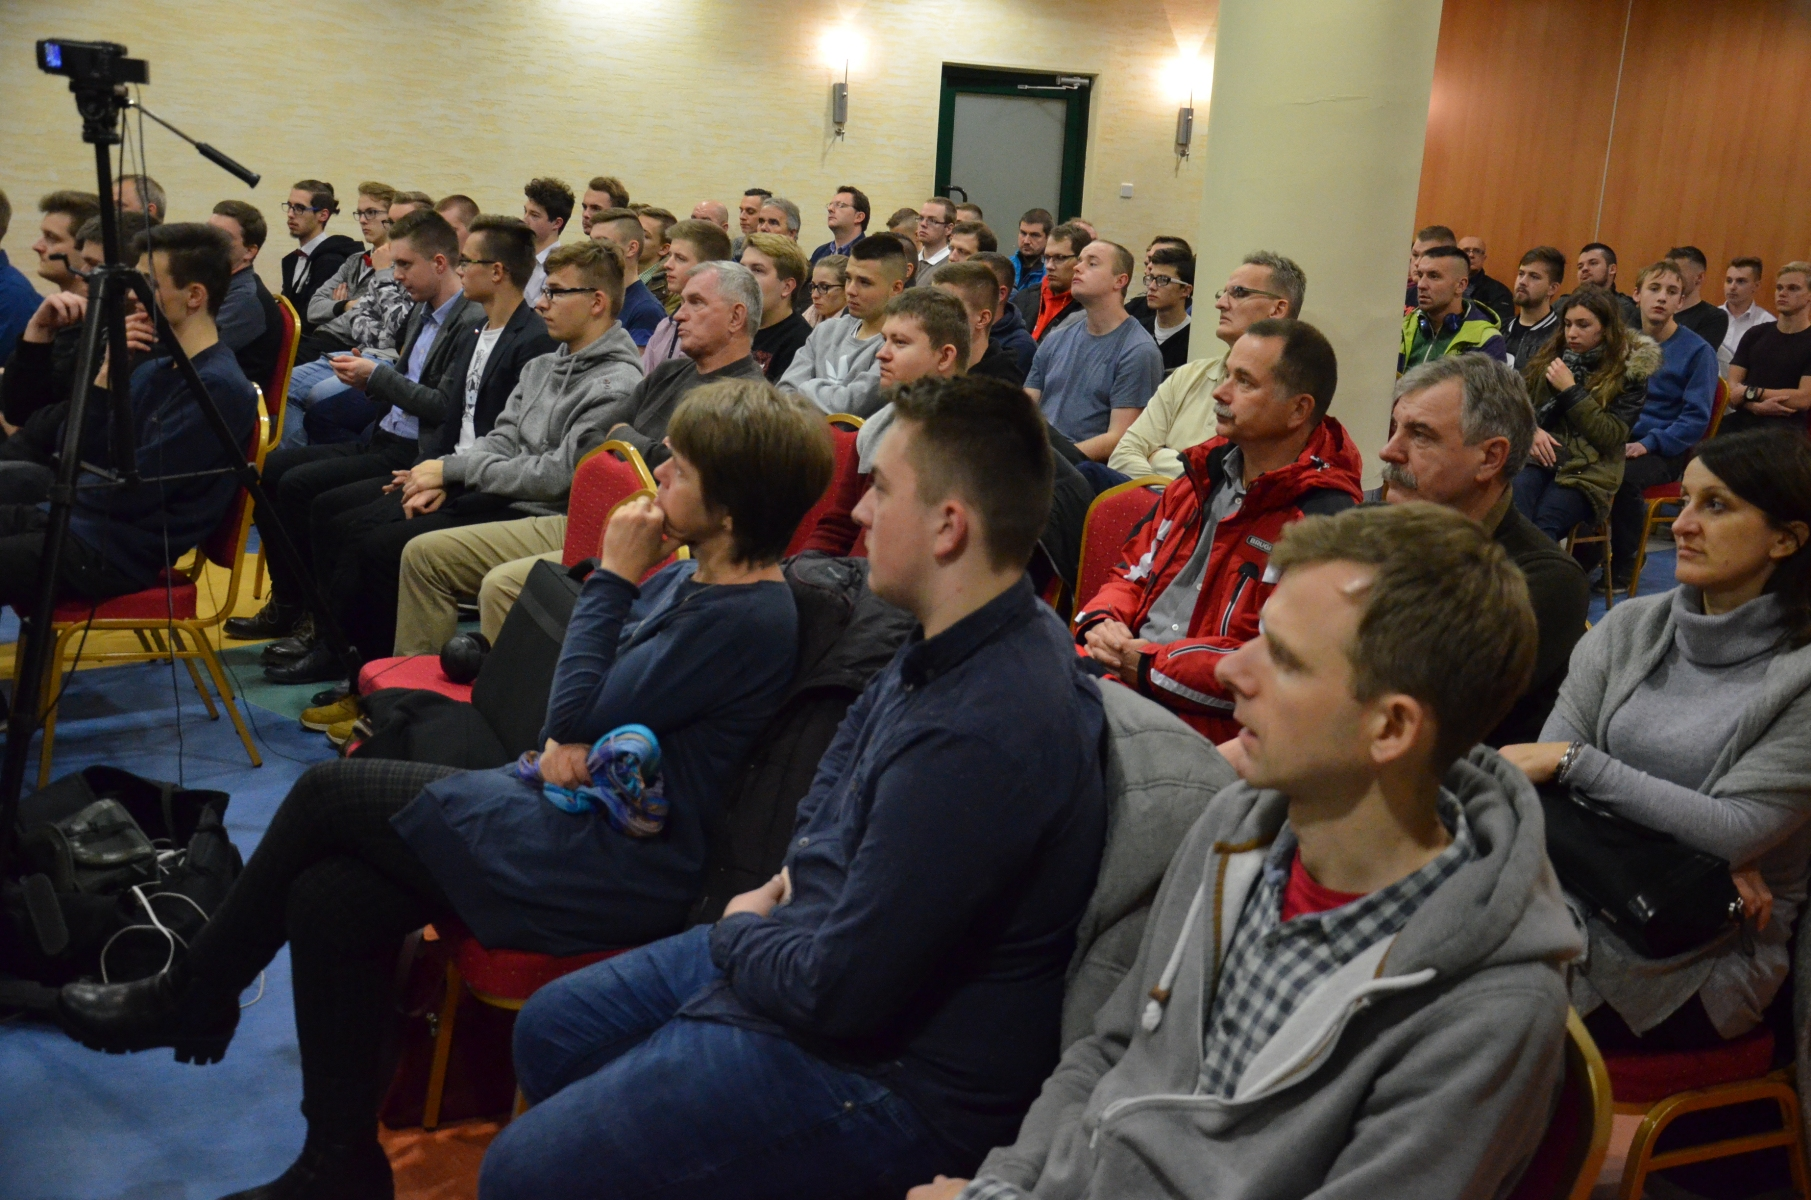 Konferencja działaczy KORWIN w Mielcu. Posadzą premiera w oślej ławce - Zdjęcie główne